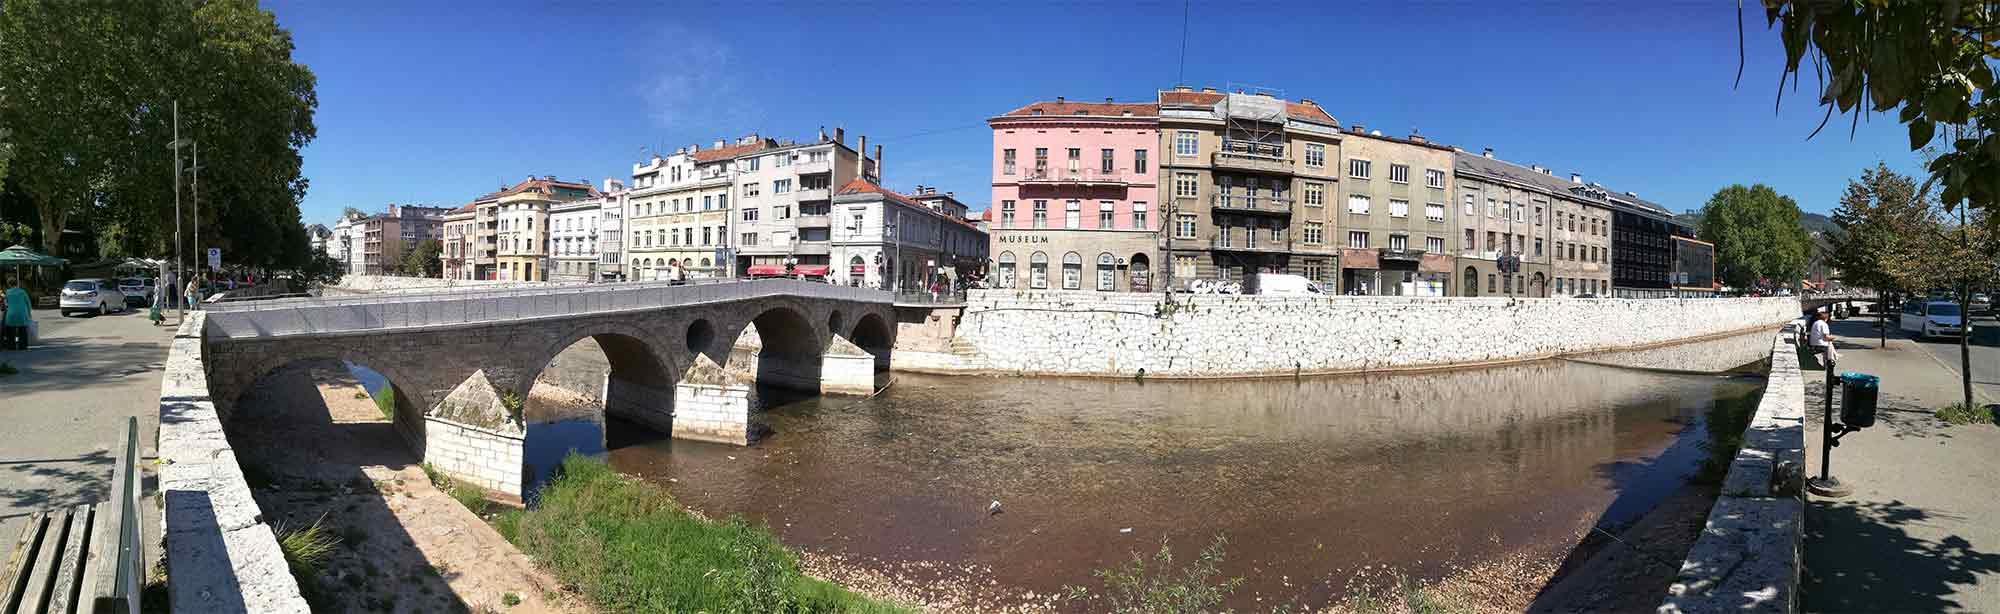 Sarajevo, Bosna a Hercegovina - Latinský most a muzeum Sarajevo